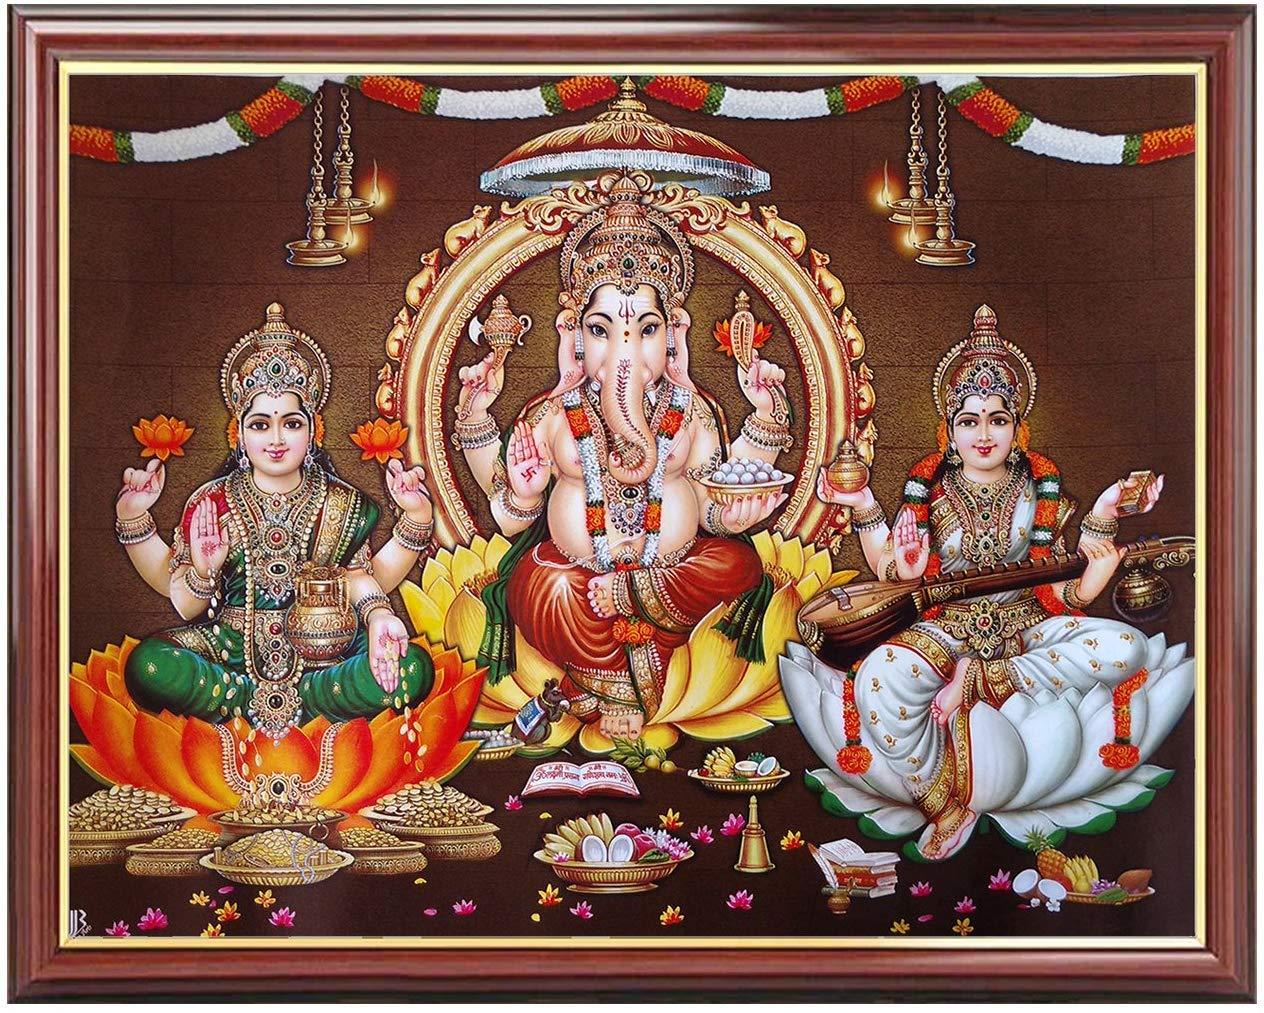 Buy Youth Lakshmi Saraswathi Ganesha Frame Line At